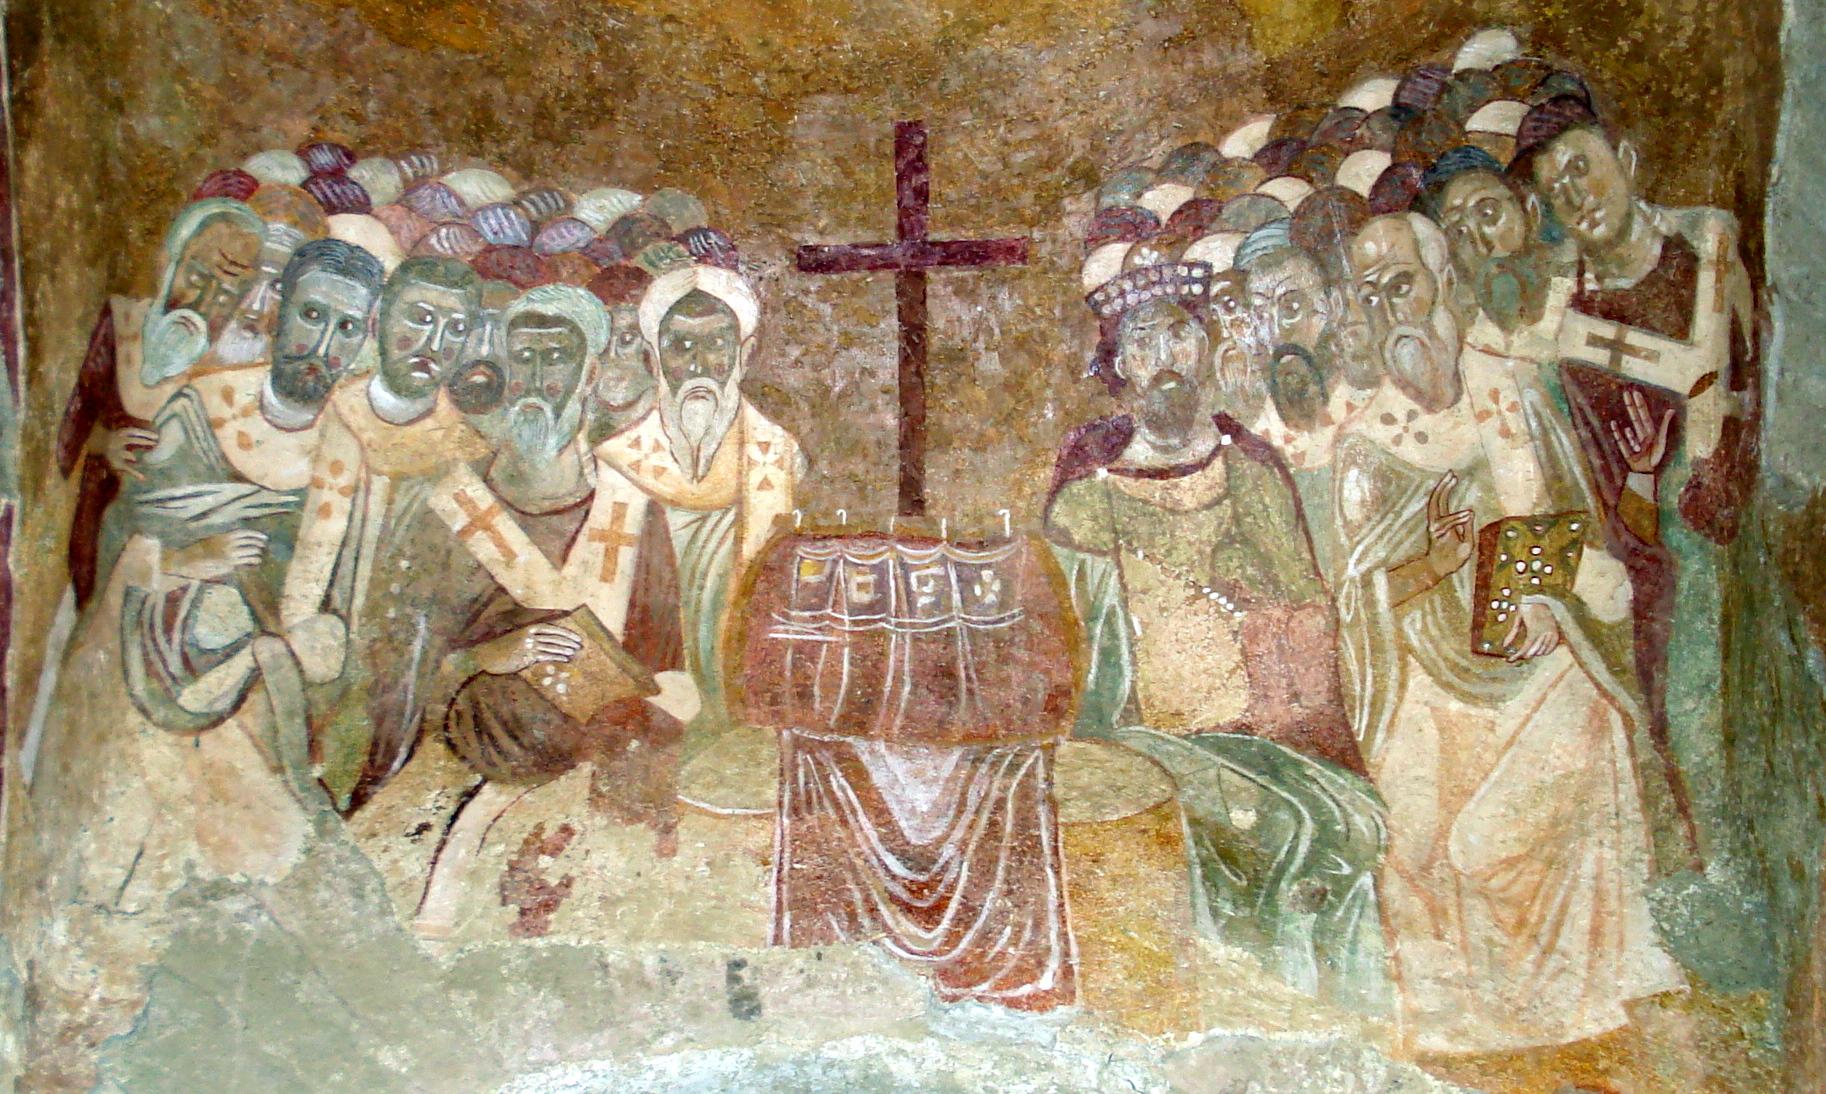 Znalezione obrazy dla zapytania dogmat katolicki rozwój dogmatu